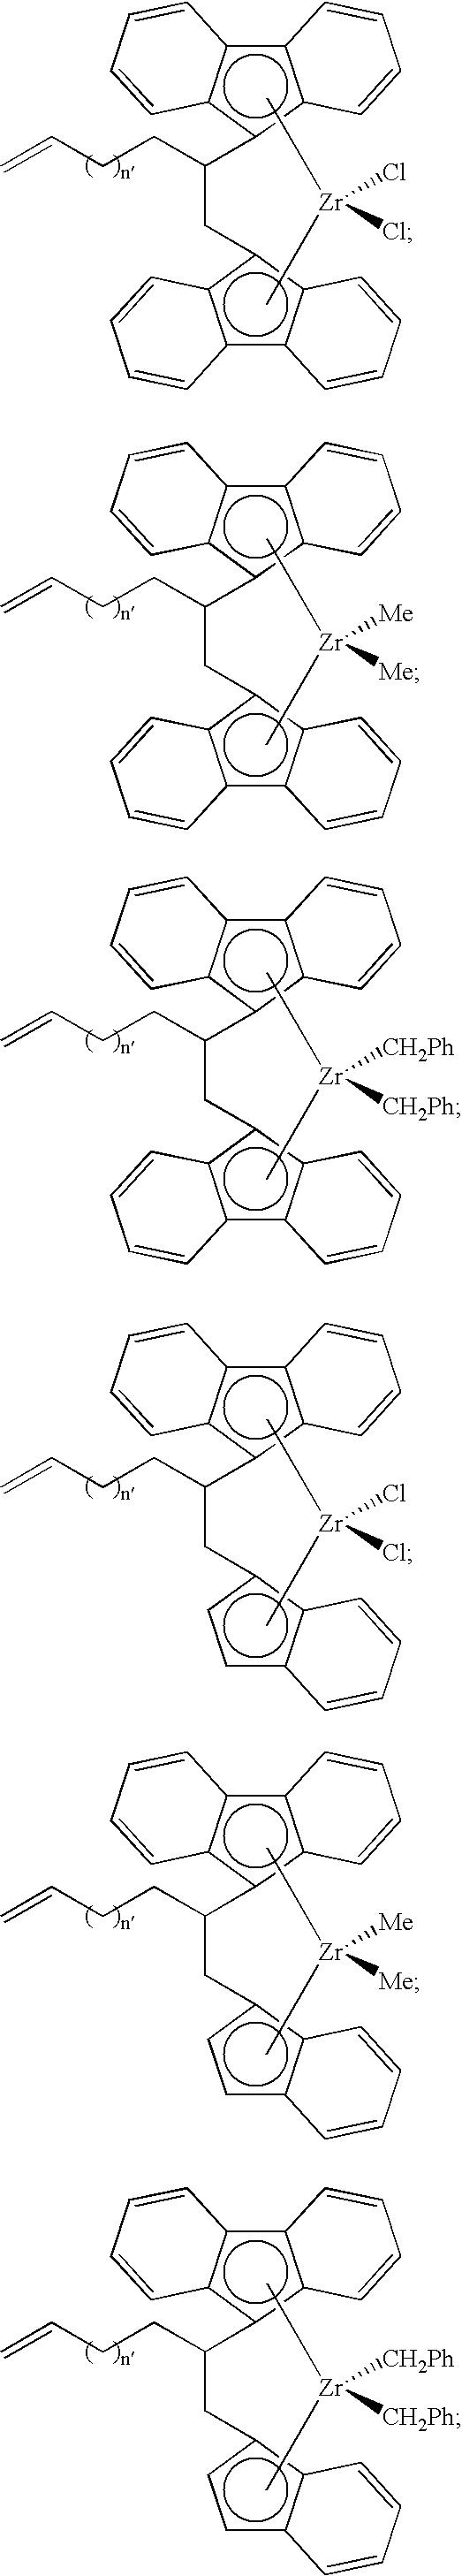 Figure US20100076167A1-20100325-C00013